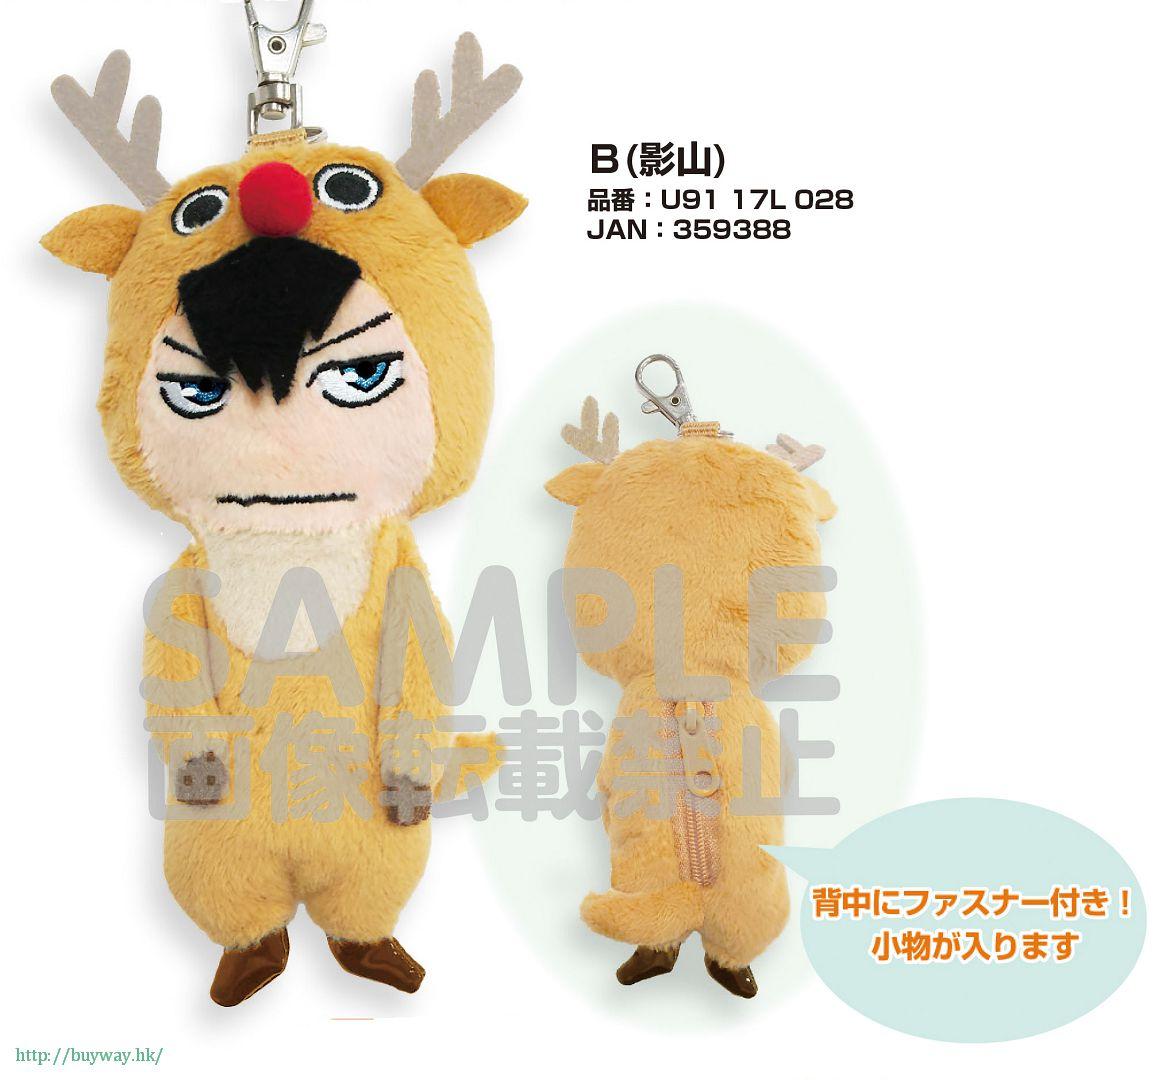 排球少年!! 「影山飛雄」公仔掛飾 小鹿 ver. Plush Mini Pouch B Kageyama【Haikyu!!】